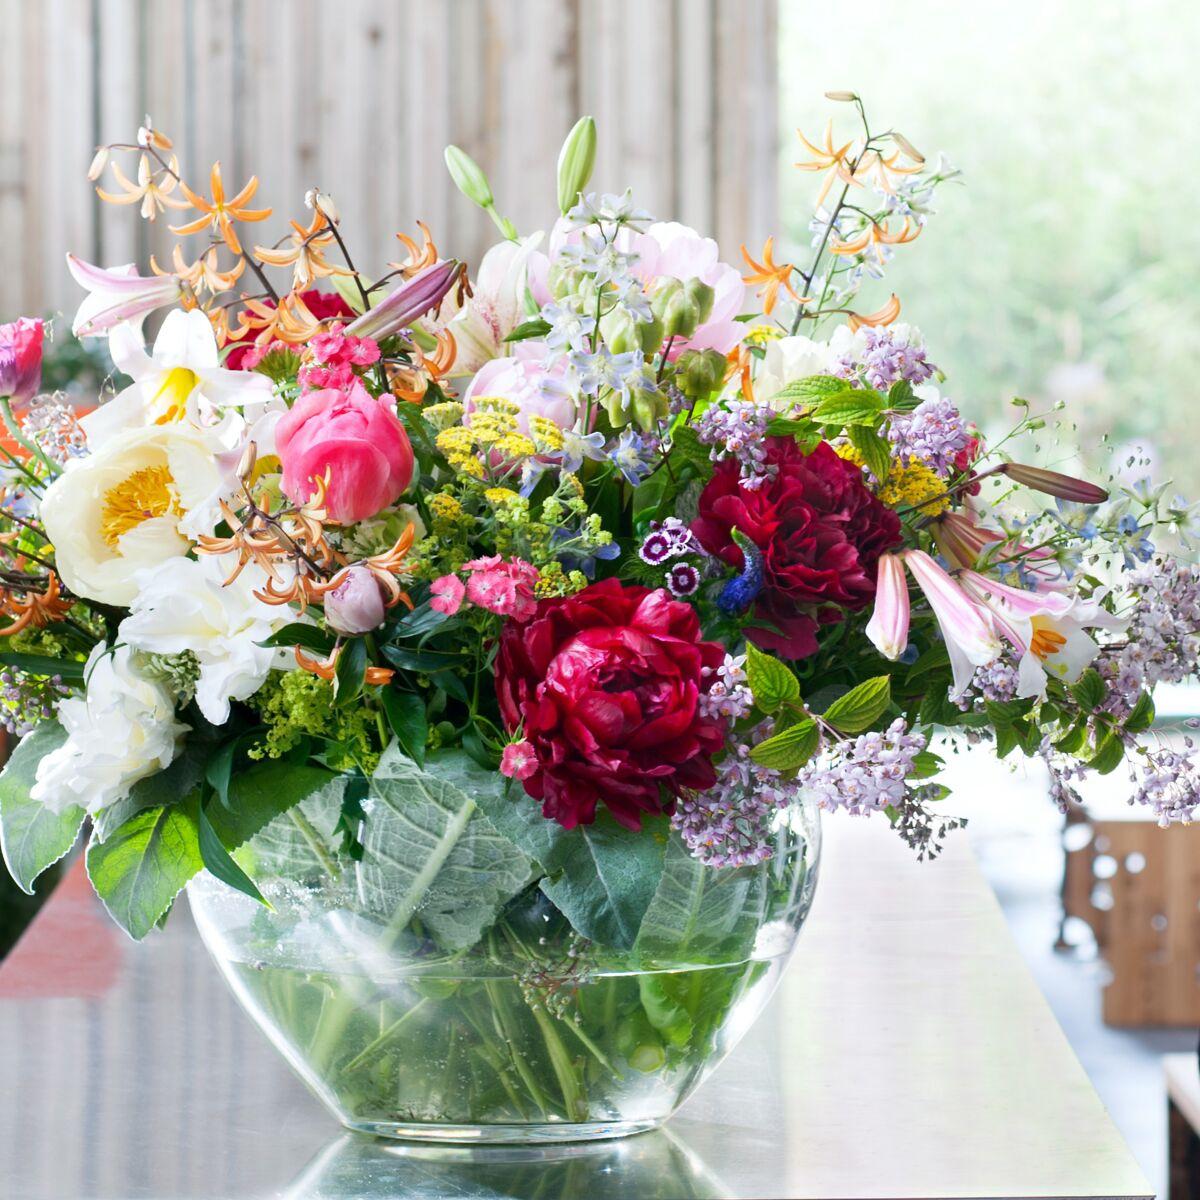 Comment Faire Un Bouquet De Roses pivoine : comment composer et entretenir son bouquet